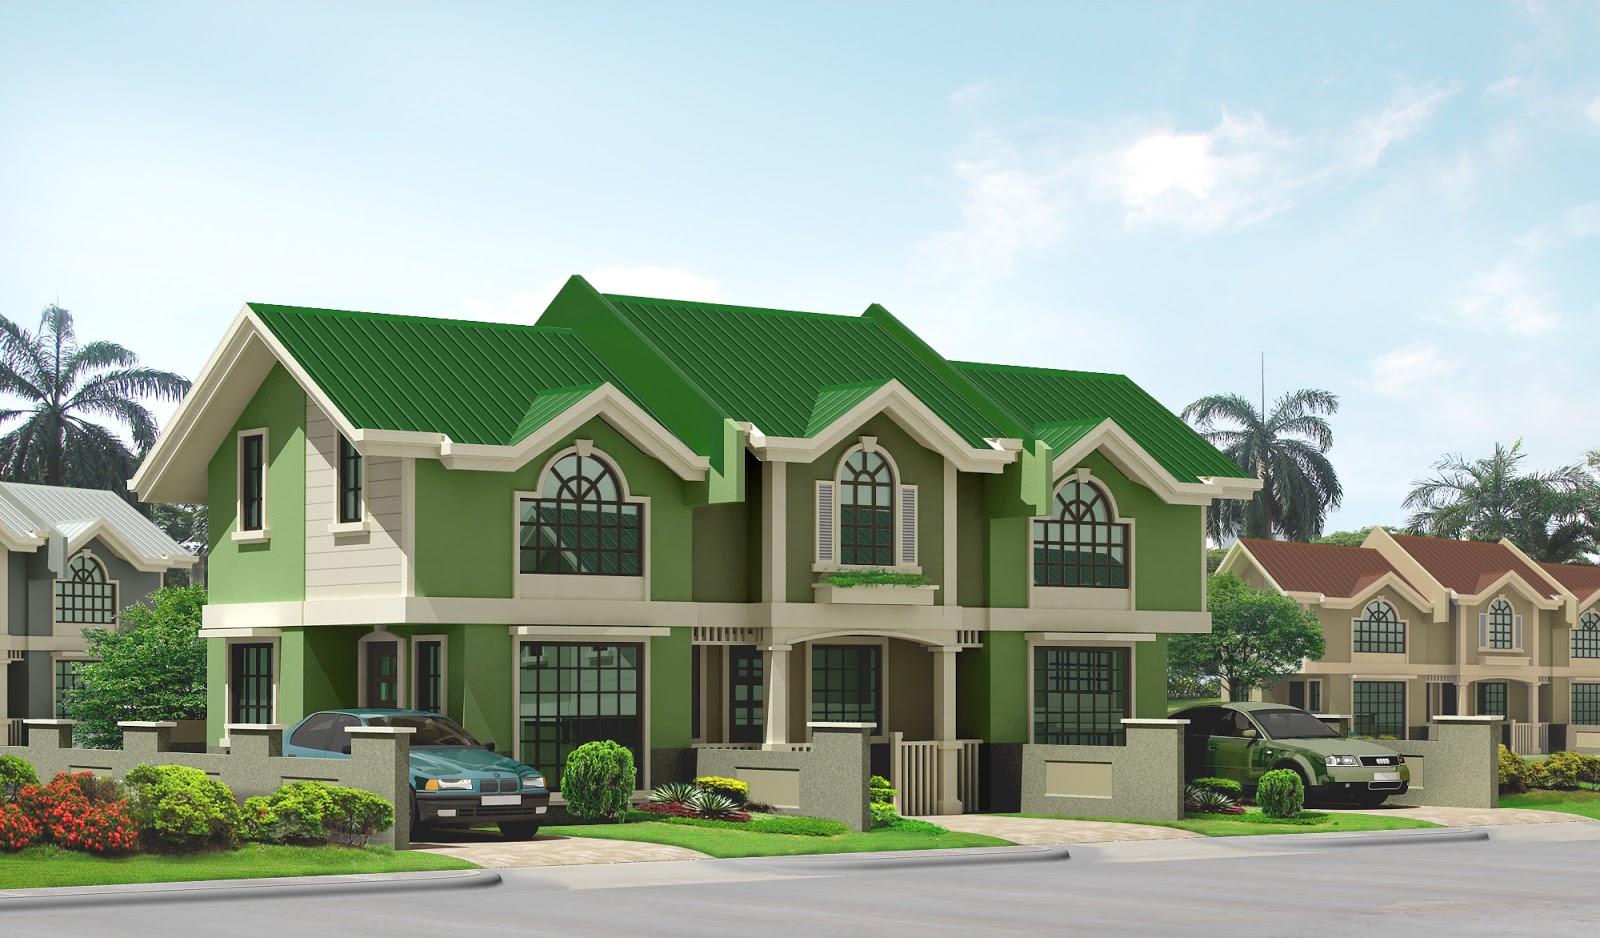 Modelos de casas dise os de casas y fachadas dise os de casas en 3d - Diseno de casa en 3d ...